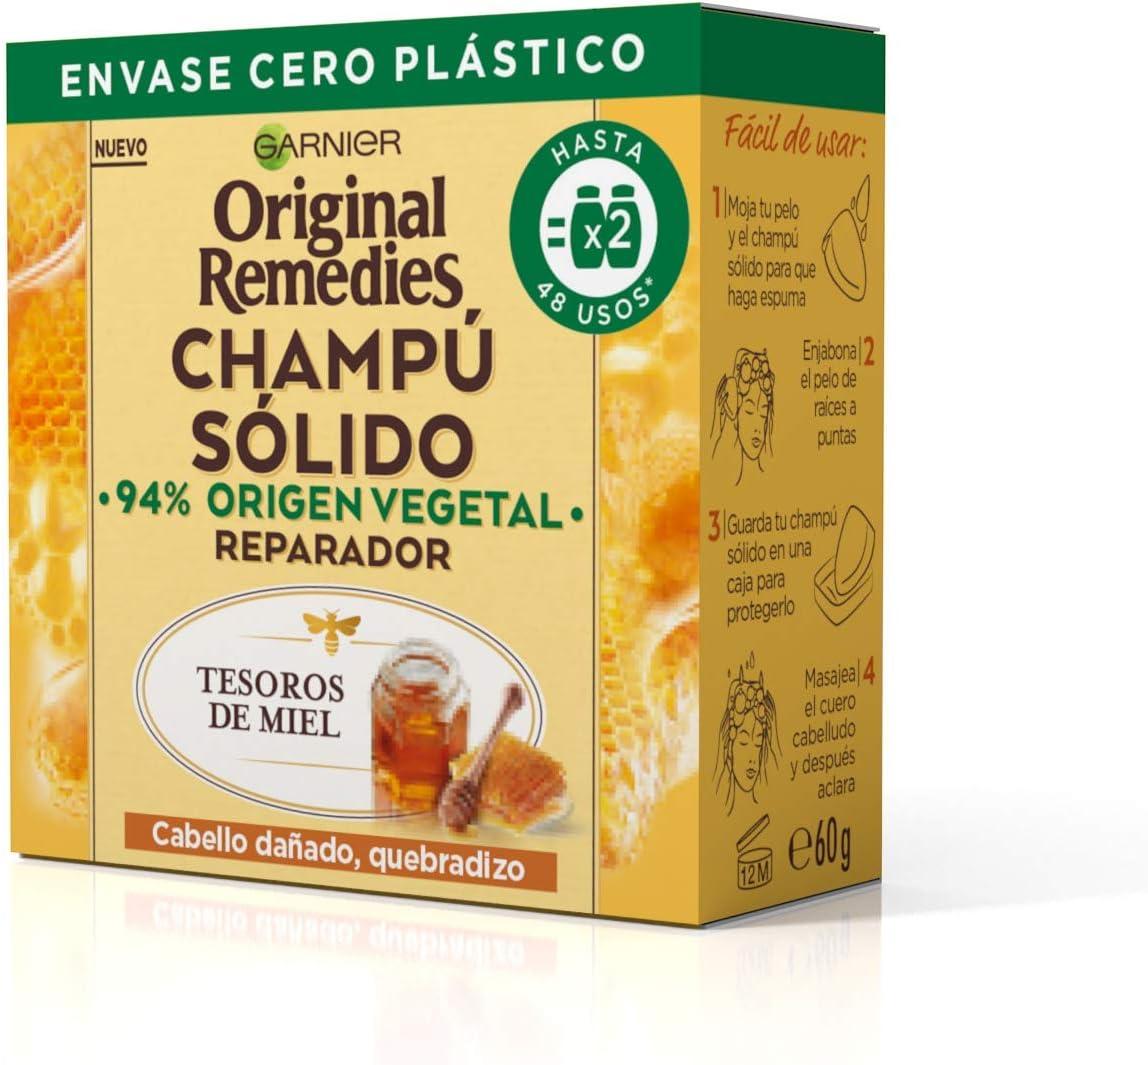 Garnier Original Remedies Champú Sólido - Tesoros De Miel Para Cabello Dañado, Quebradizo (C6455400)